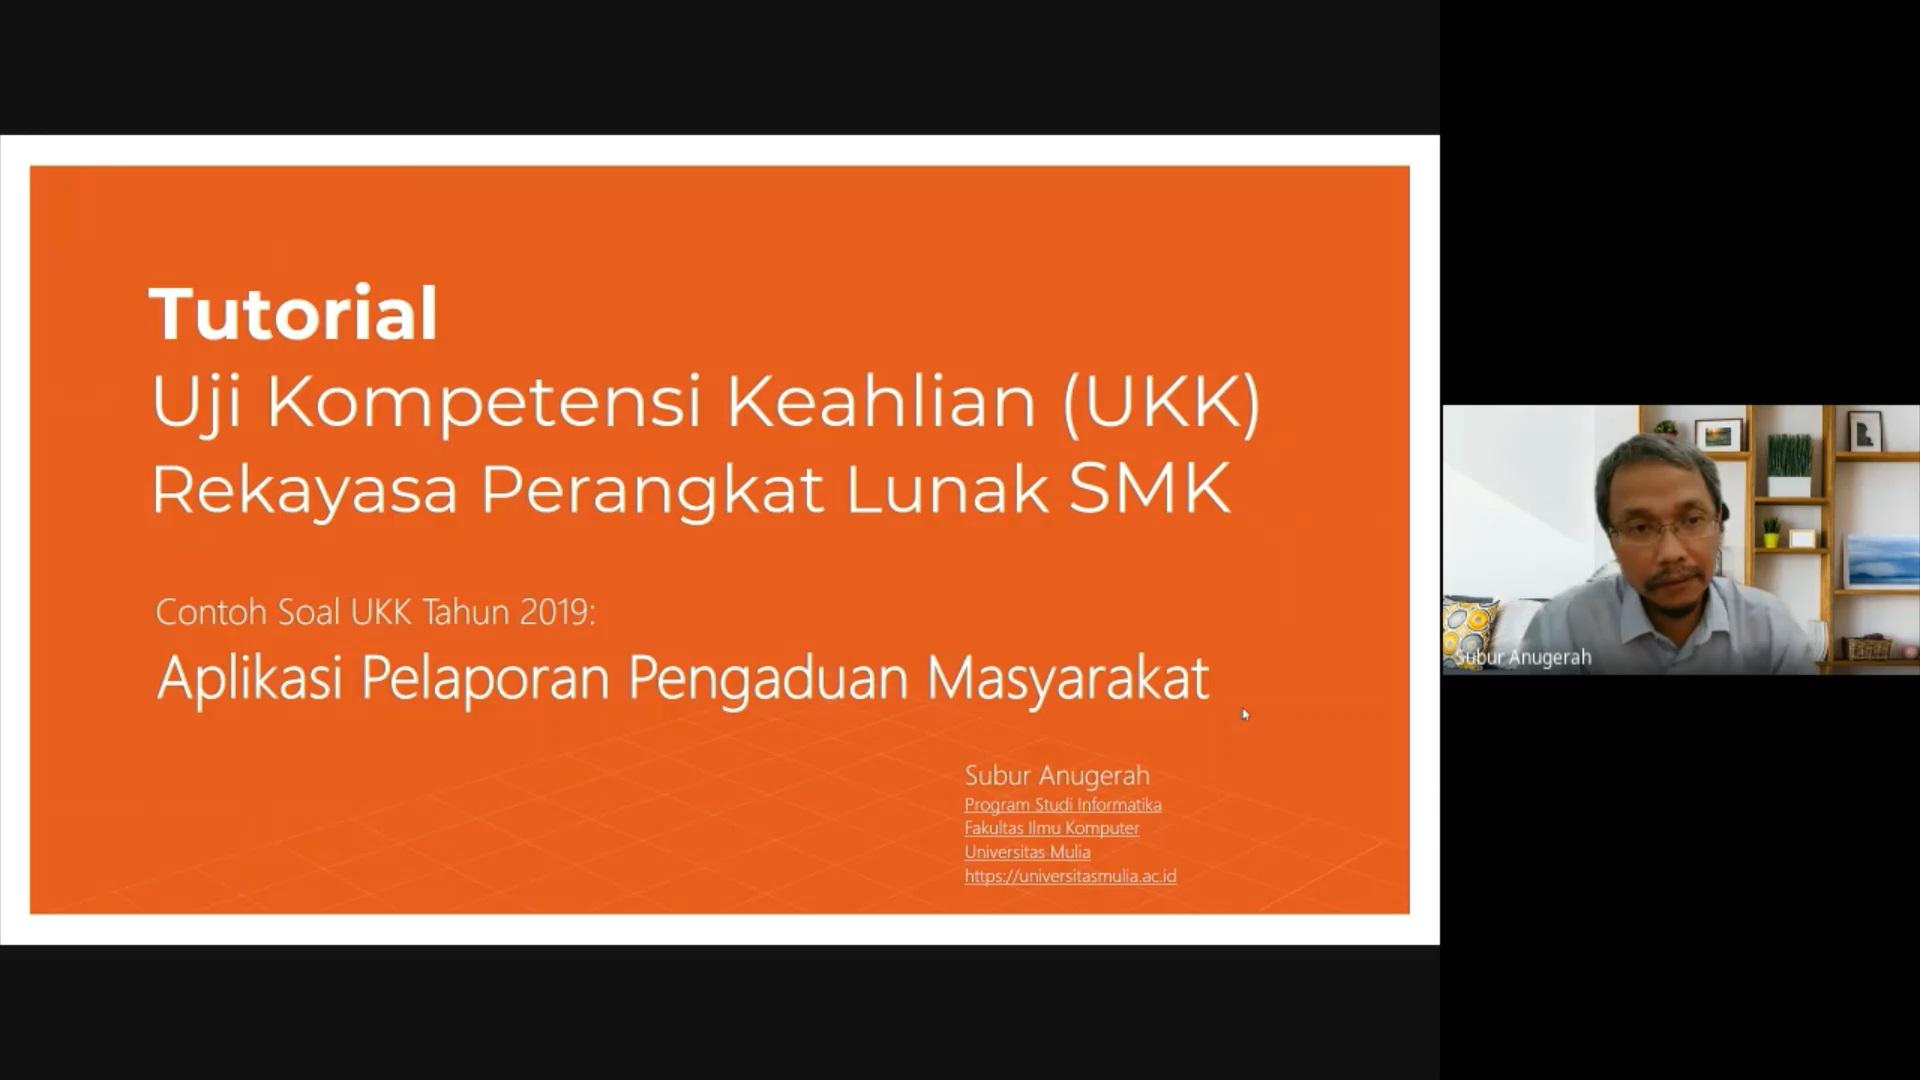 Tutorial Mengerjakan UKK RPL SMK. Foto: Cover